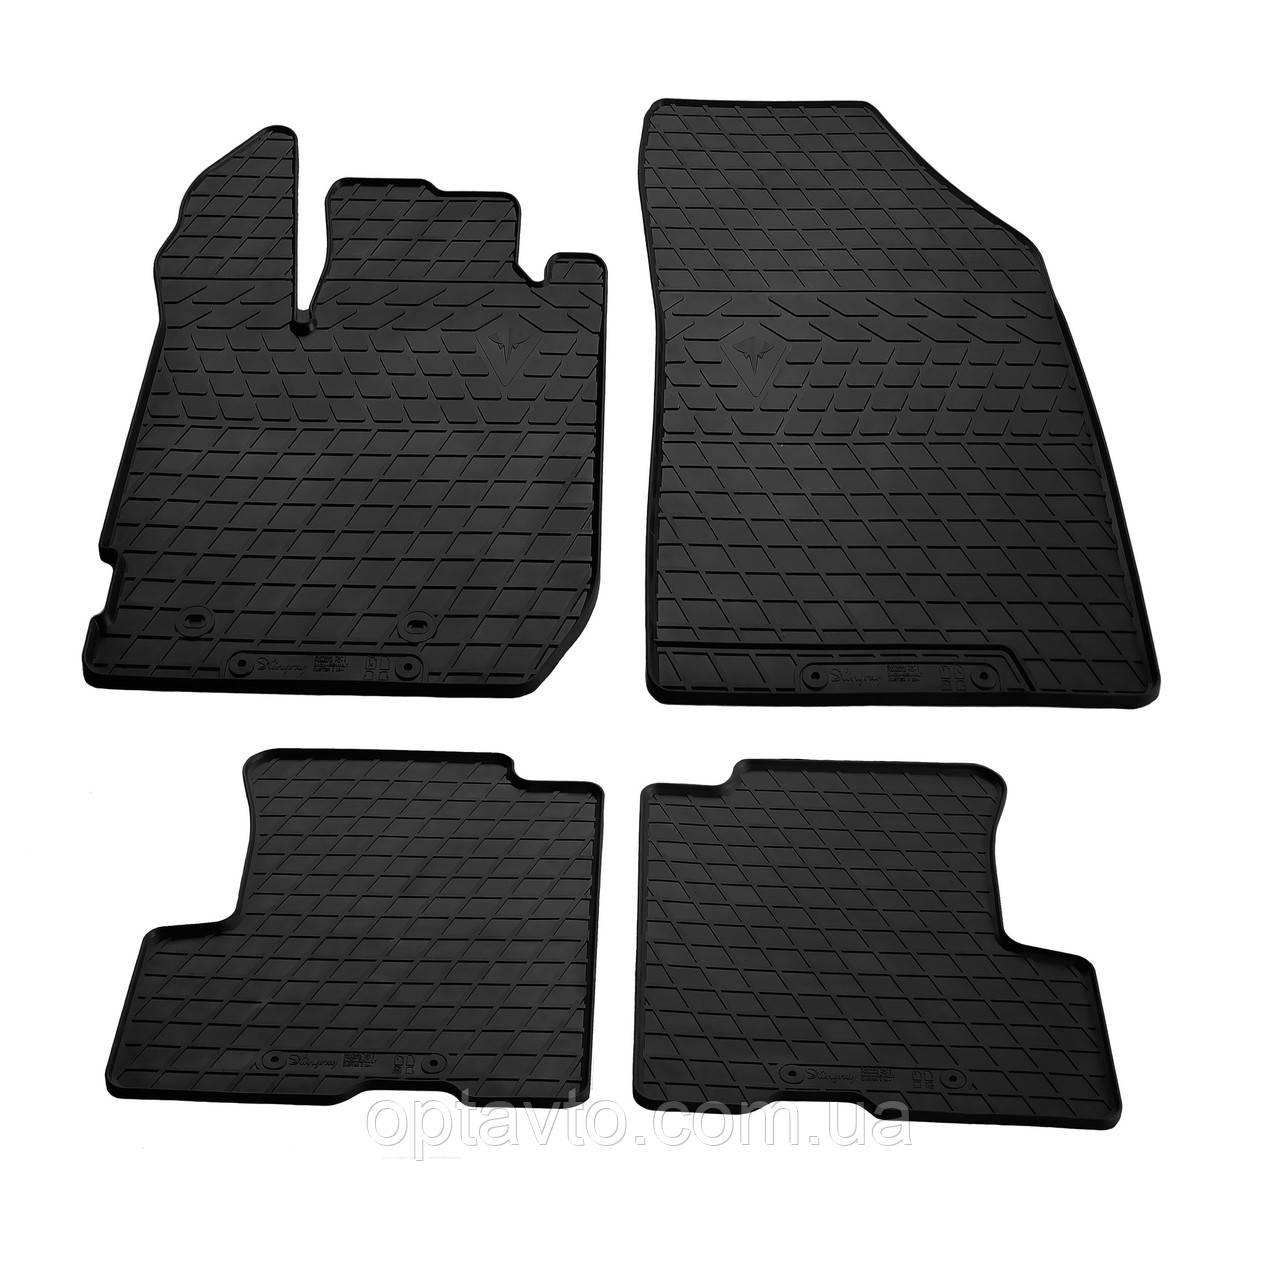 RENAULT Duster II  - комплект качественных резиновых ковриков. Комплект 4 шт.  (2018-...)